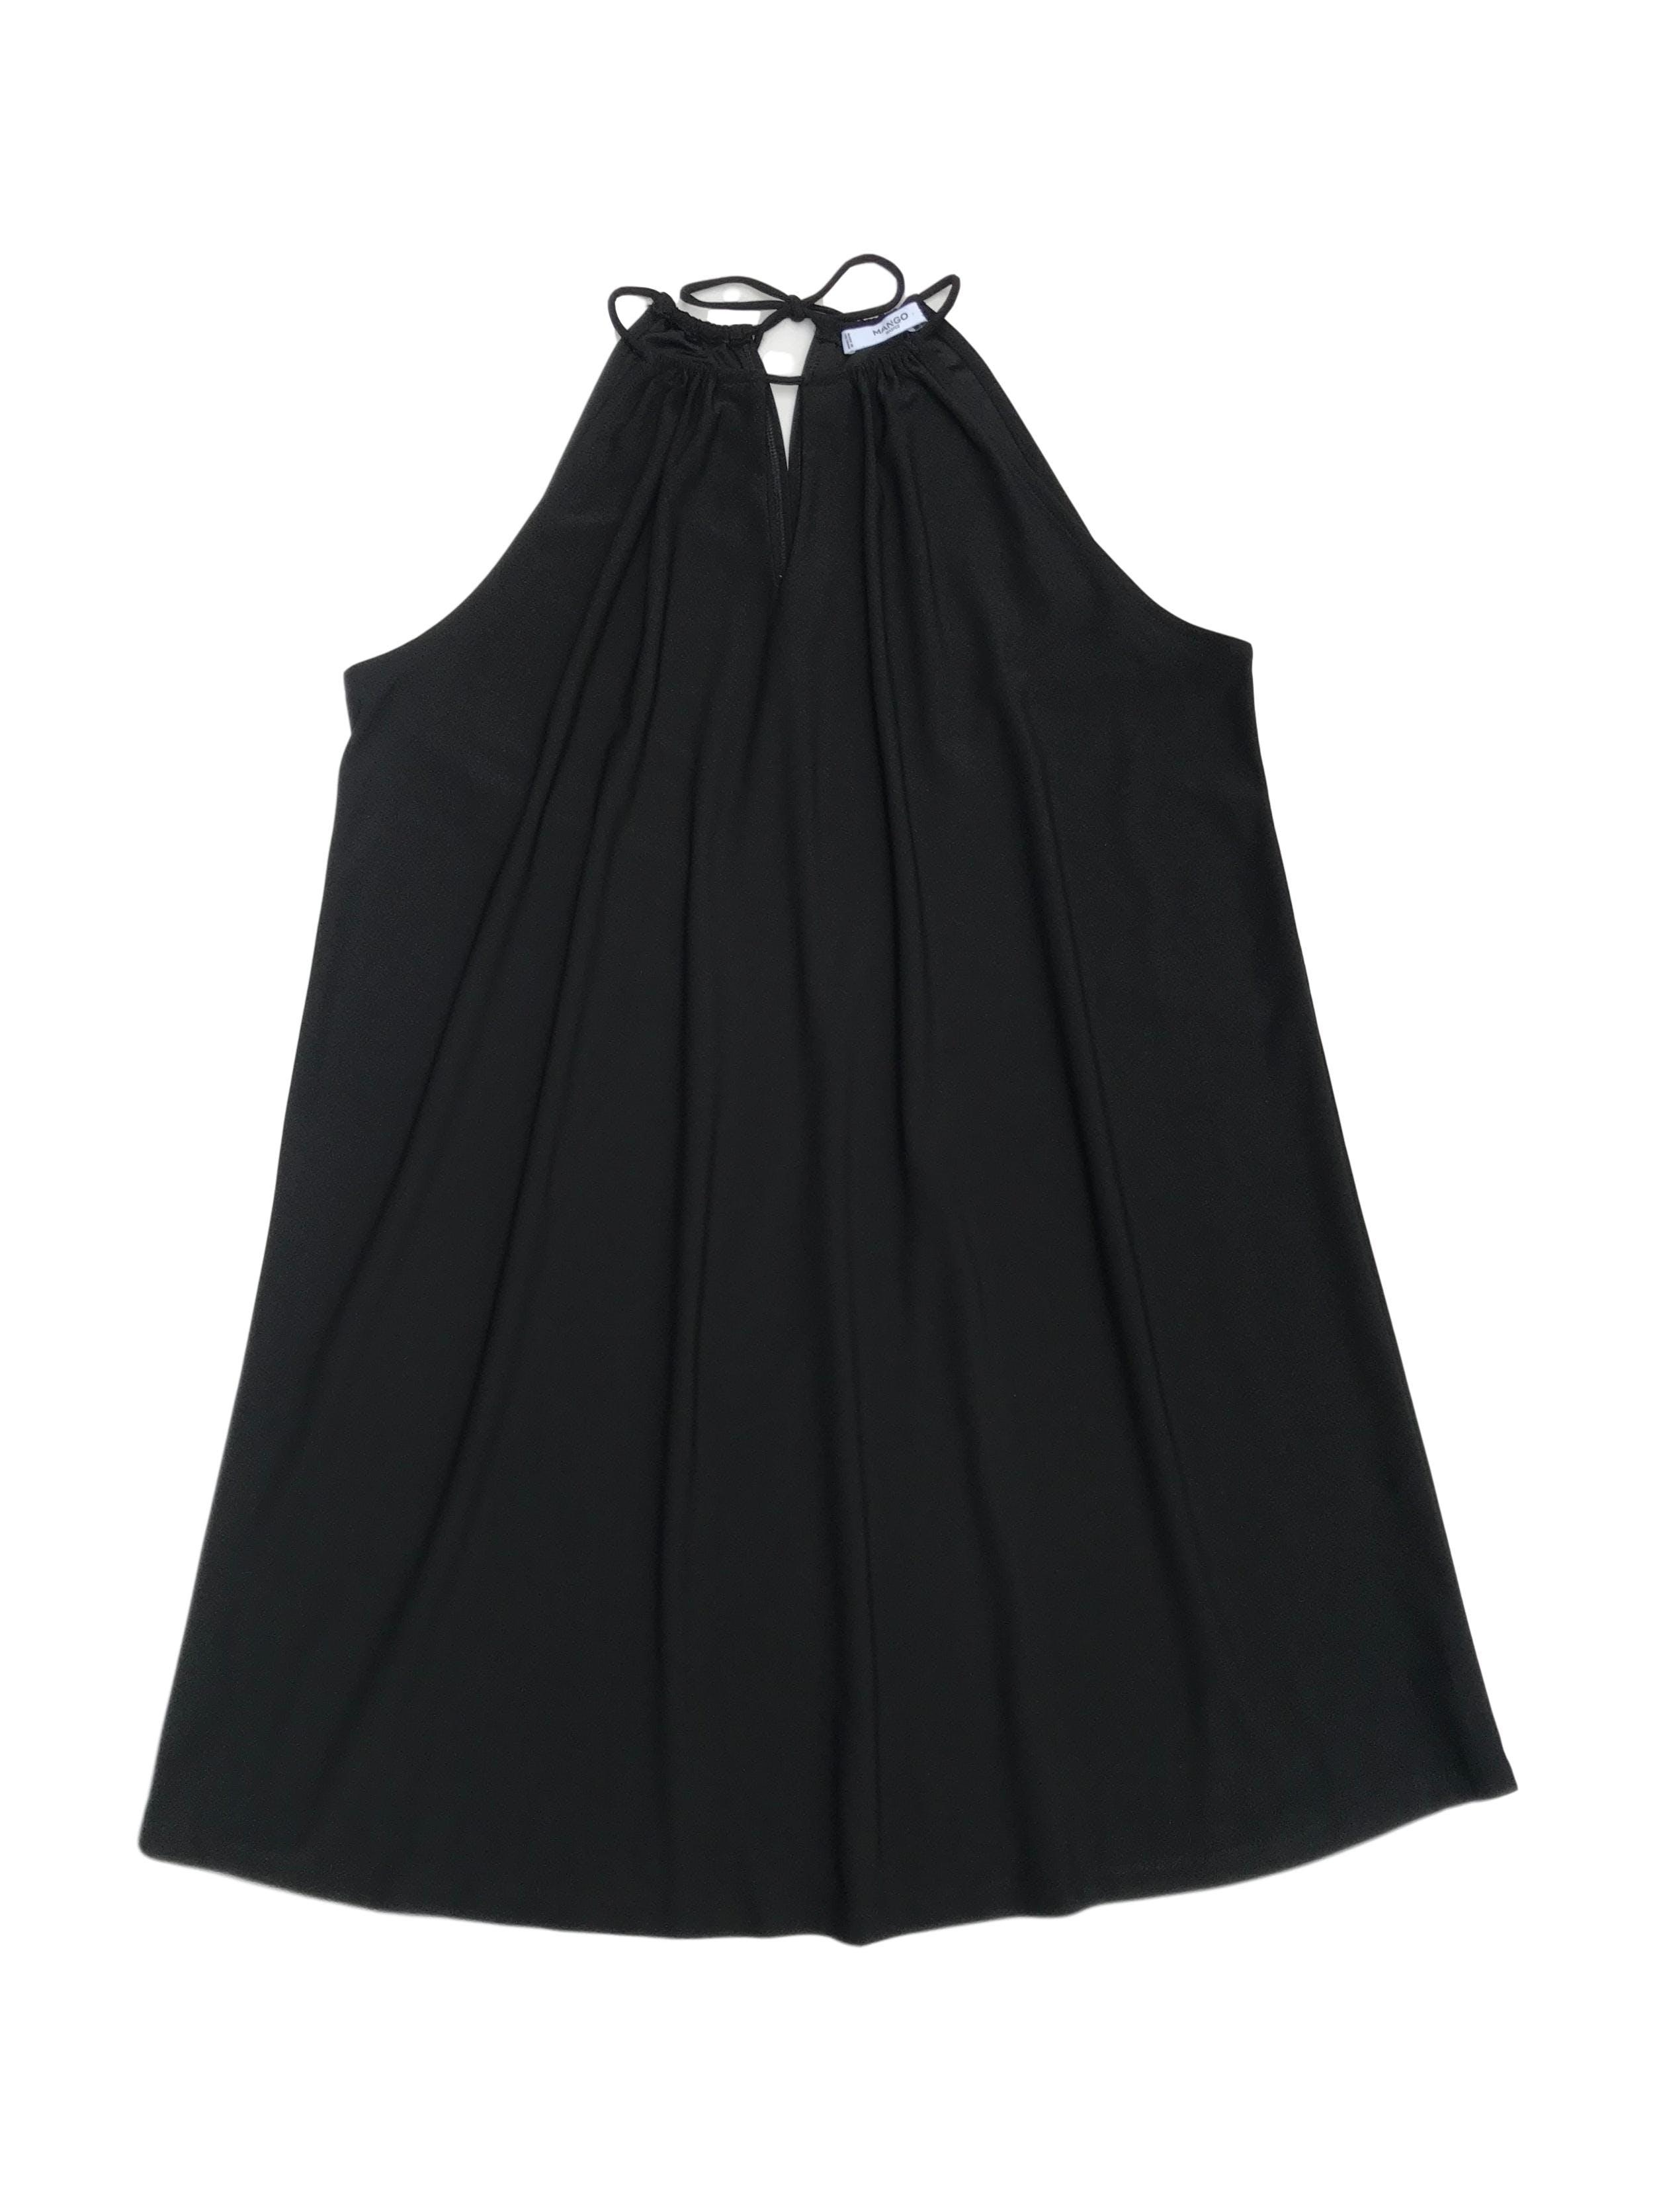 Vestido Mango negro, recogido en el cuello con escote. Busto 106cm Largo 84cm